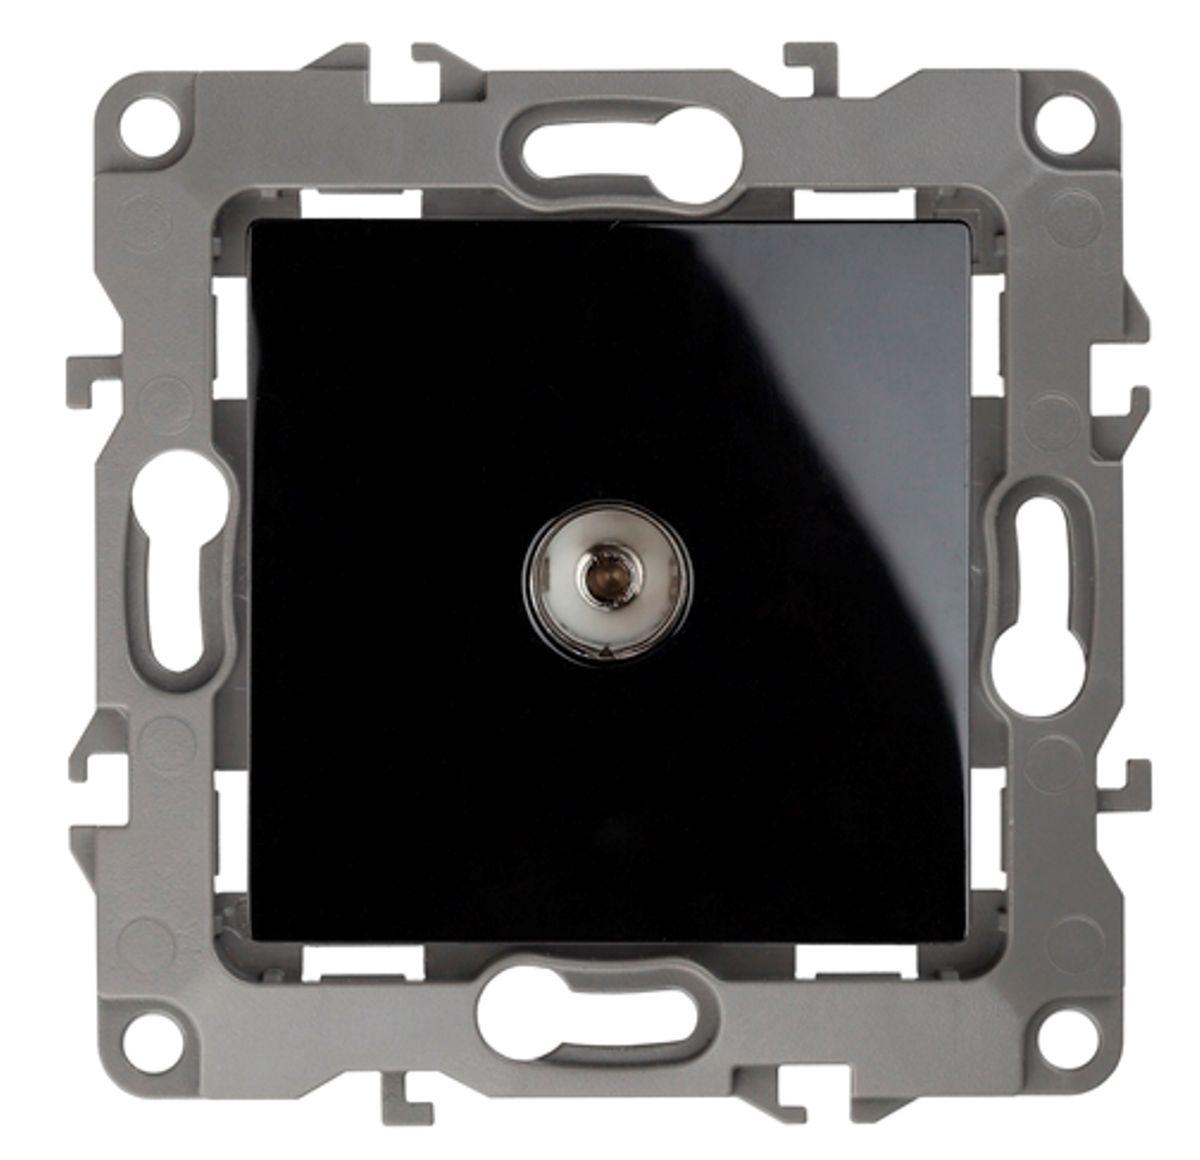 Розетка телевизионная Эра, цвет: черный12-3101-06Розетка телевизионная Эра одиночная, скрытой установки, имеет бронзовые контакты и фиксаторы модулей. Предназначена для передачи ТВ сигналов из антенной сети к ТВ-приемникам. Использование телевизионной розетки позволяет скрыть антенный кабель, обезопасить его от повреждений и избавиться от болтающихся проводов.